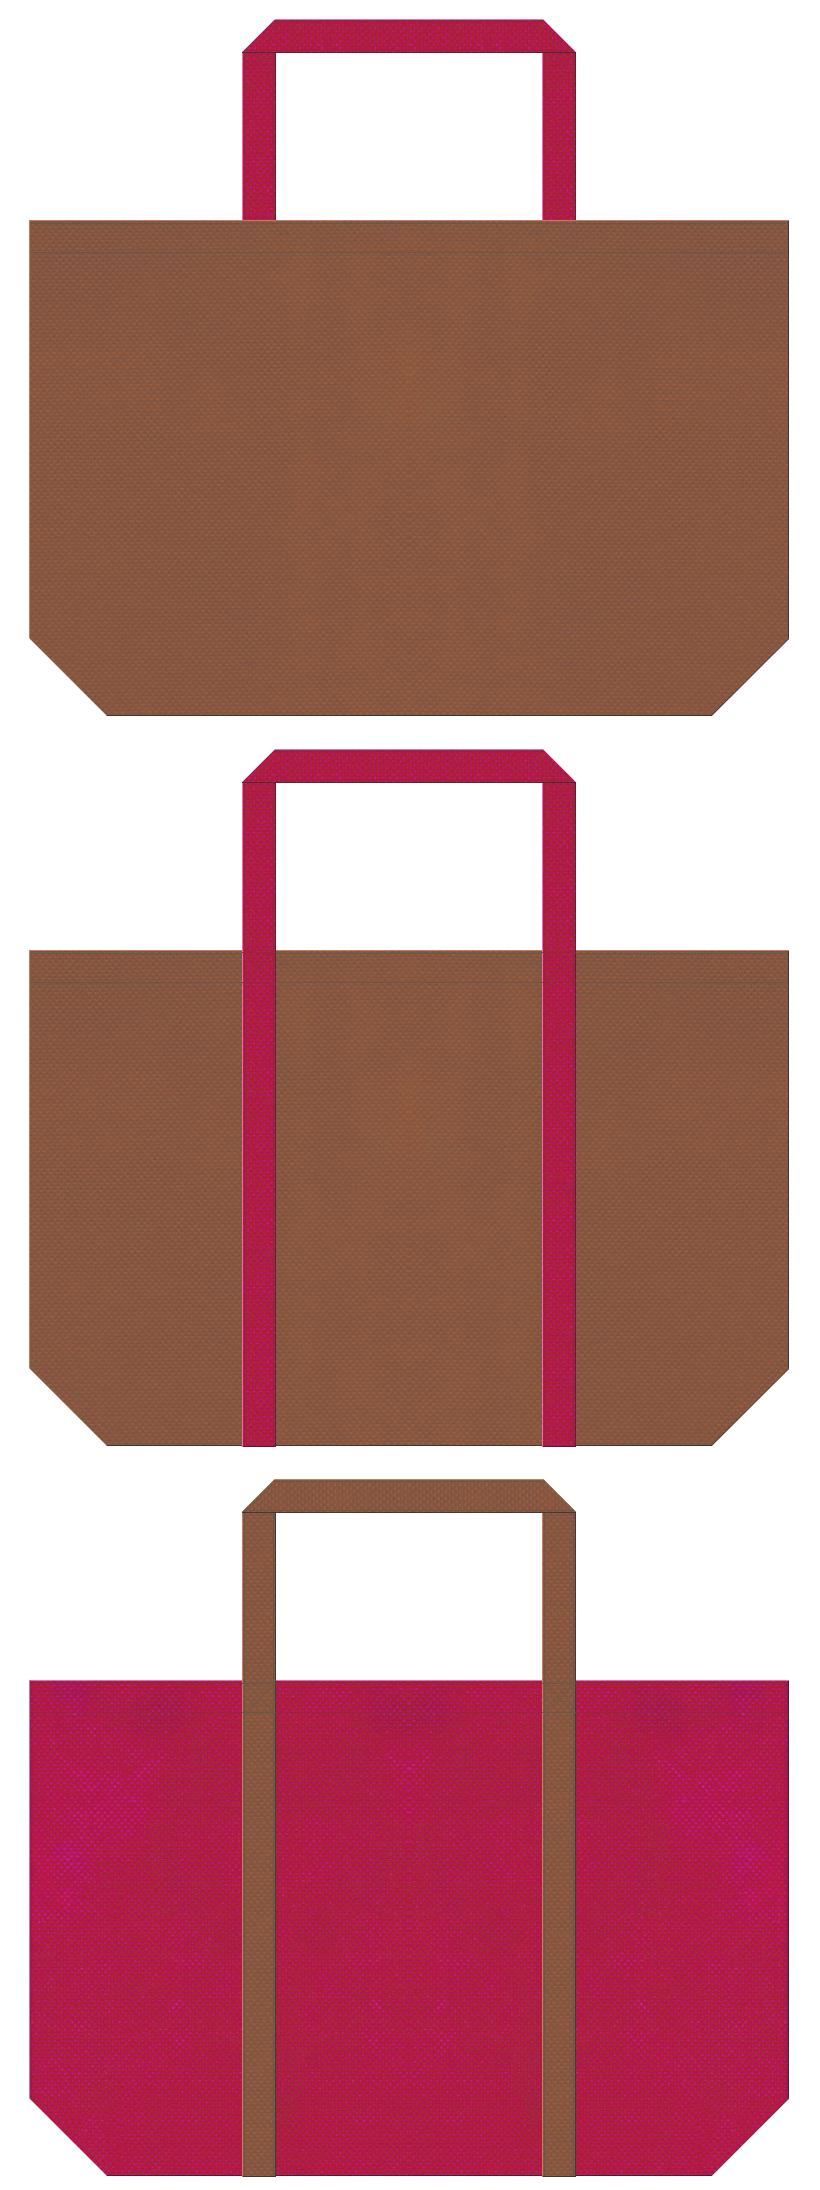 ハワイアン・アロハシャツ・水着・南国・トロピカル・フルーツ・カクテル・トラベルバッグ・リゾートのショッピングバッグお奨めの不織布バッグデザイン:茶色と濃いピンク色のコーデ